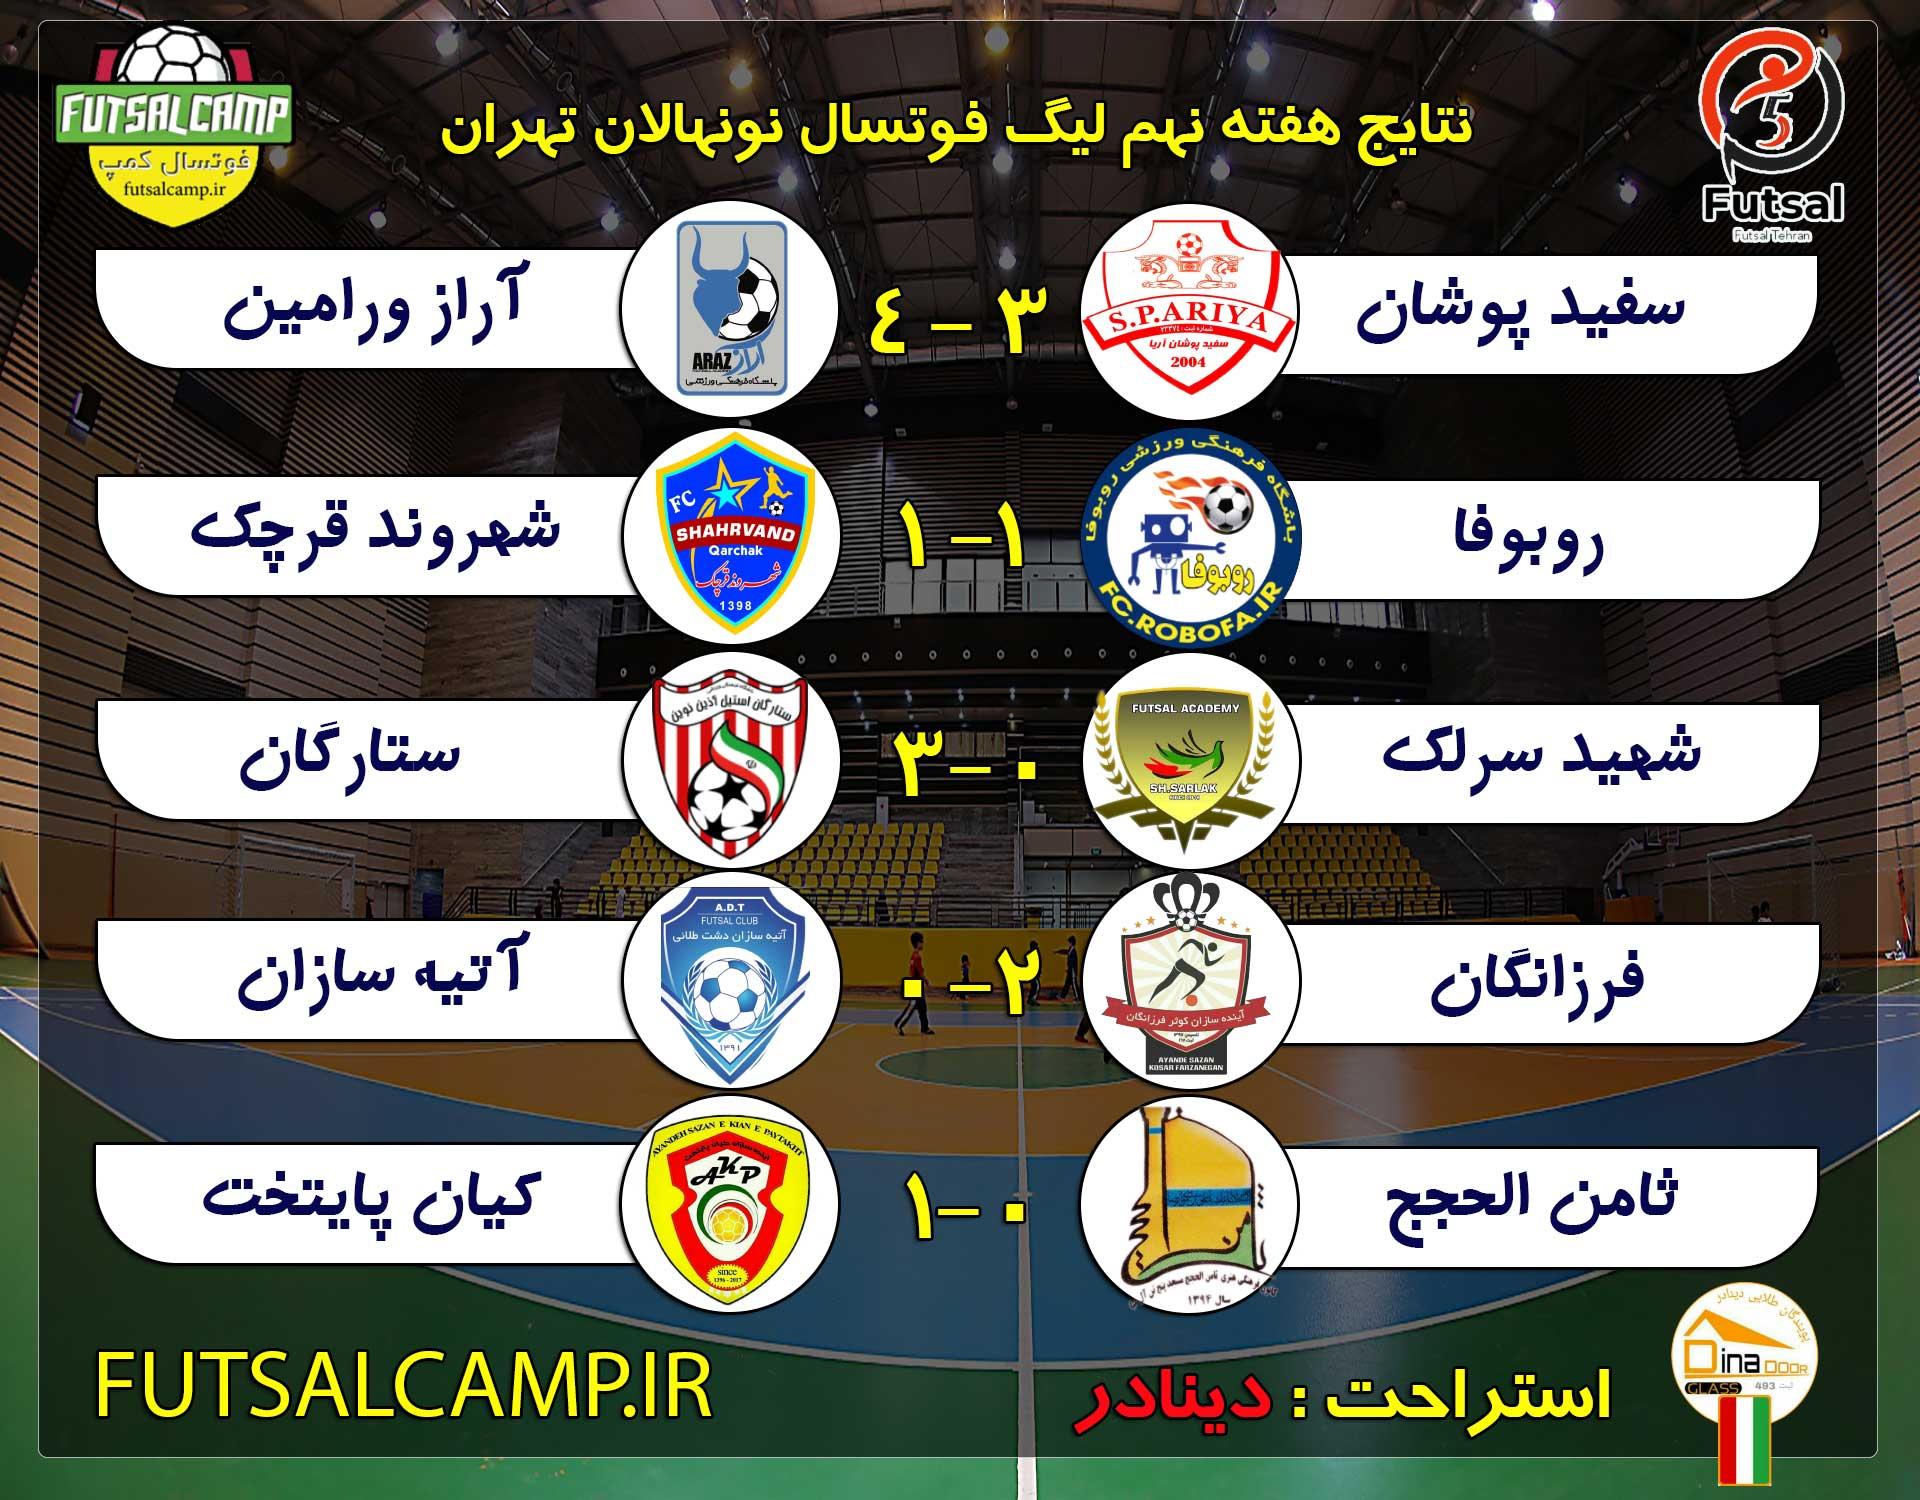 نتایج بازی ها هفته نهم لیگ فوتسال نونهالان تهران